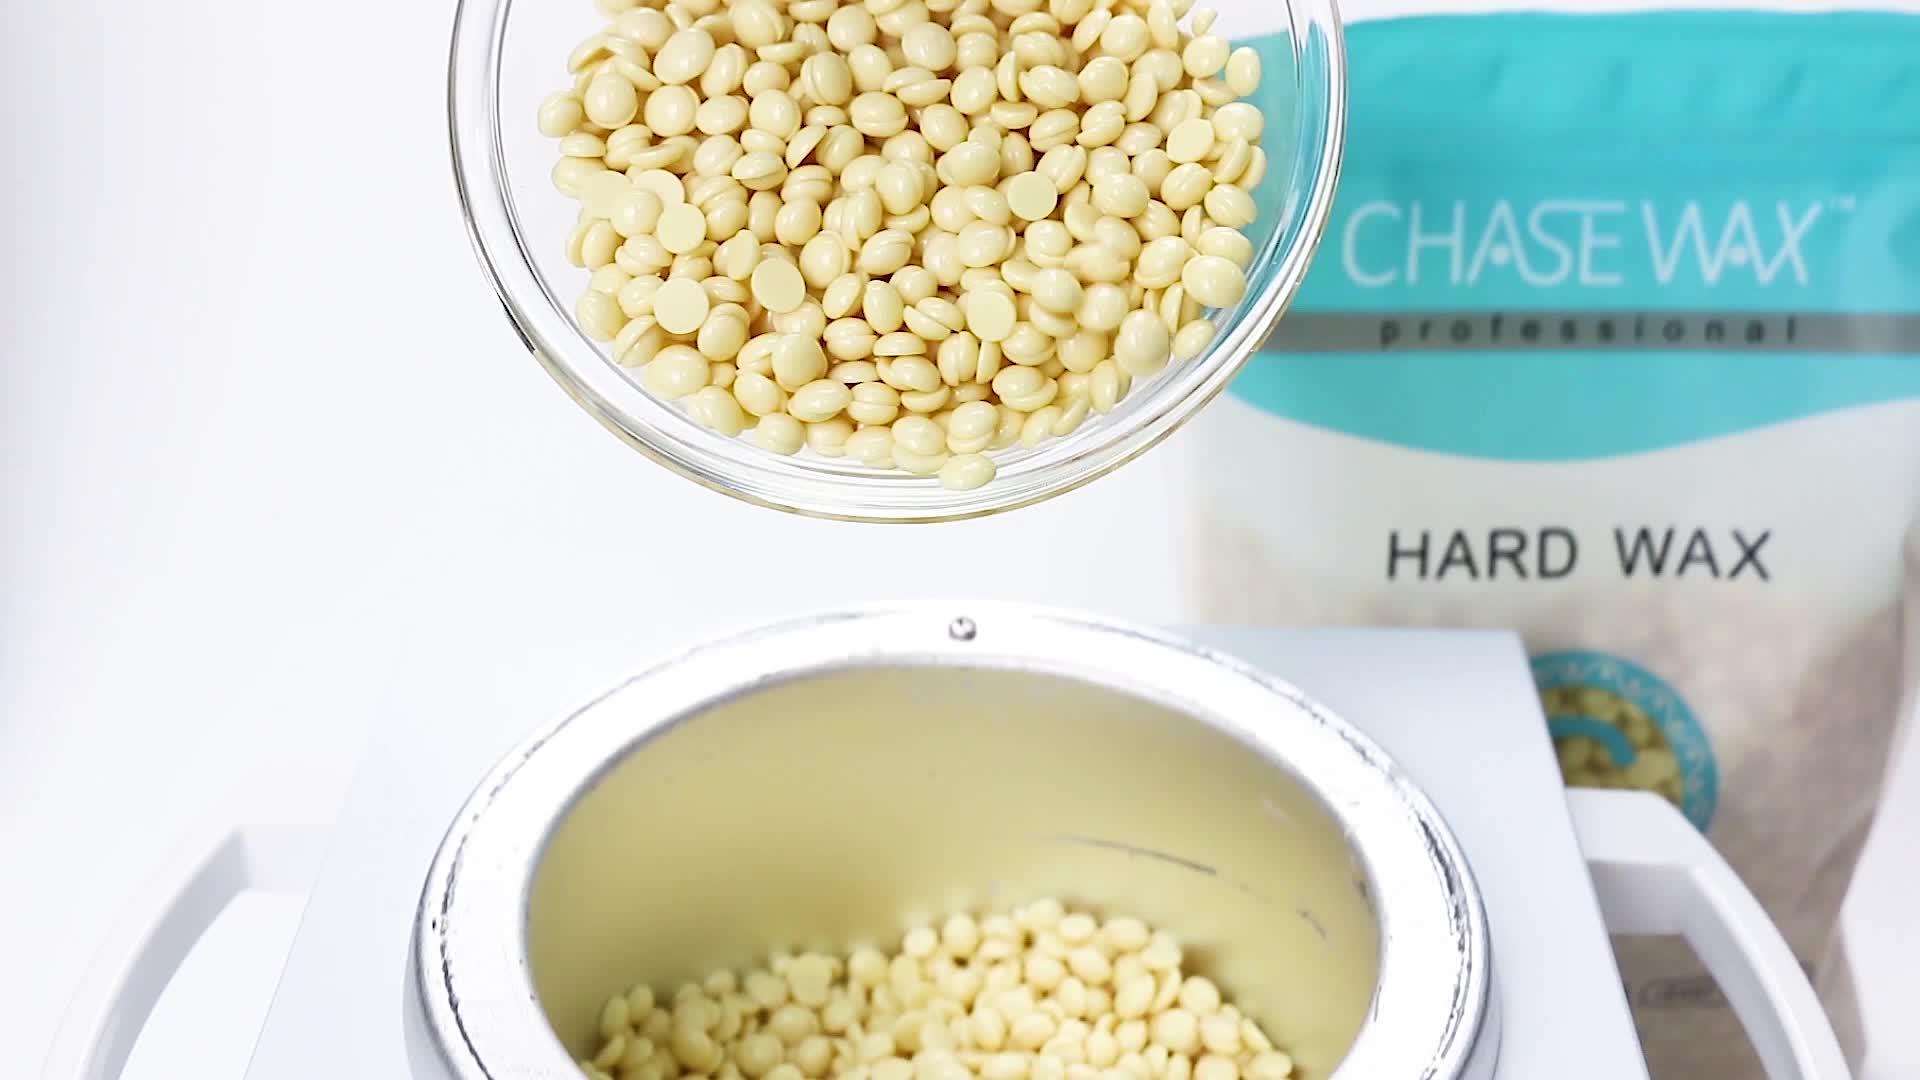 सबसे अच्छा बेच 1000g ब्राजील मोम बीन्स हार्ड मोम मोती दर्द रहित बालों को हटाने के मोम स्पा सैलून के लिए